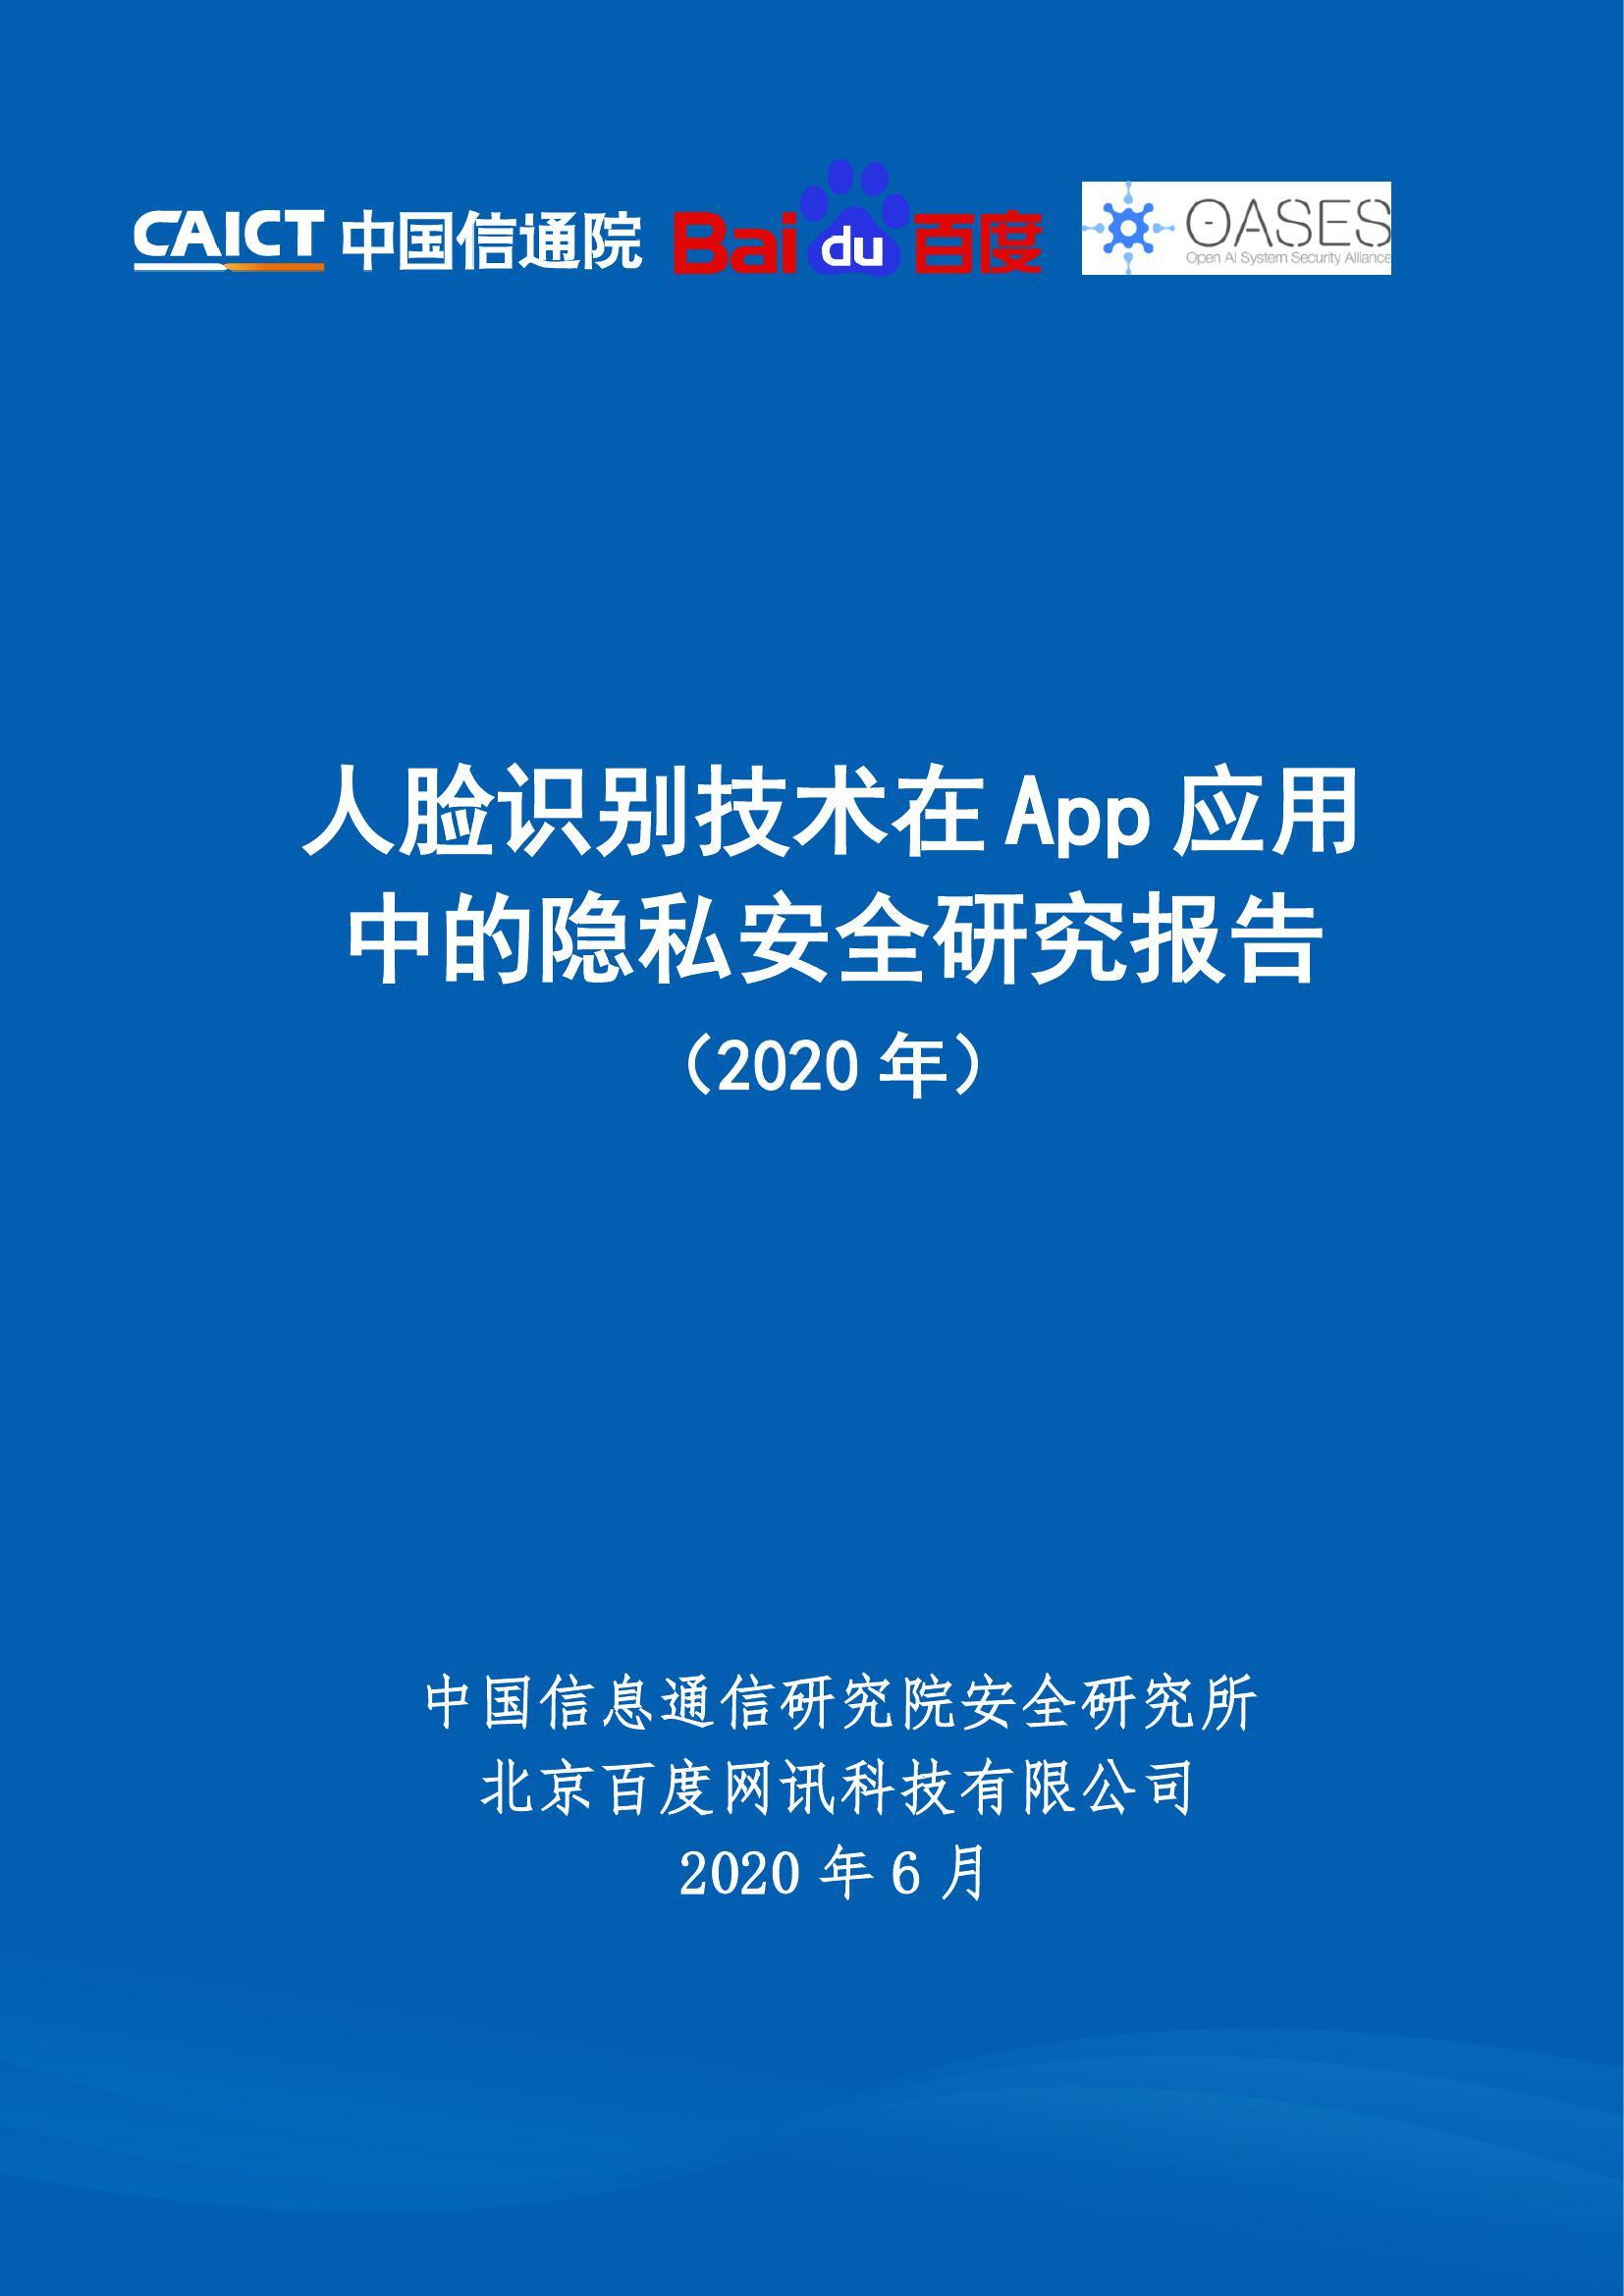 中国信通院:2020年人脸识别技术在App应用中的隐私安全研究报告(附下载)